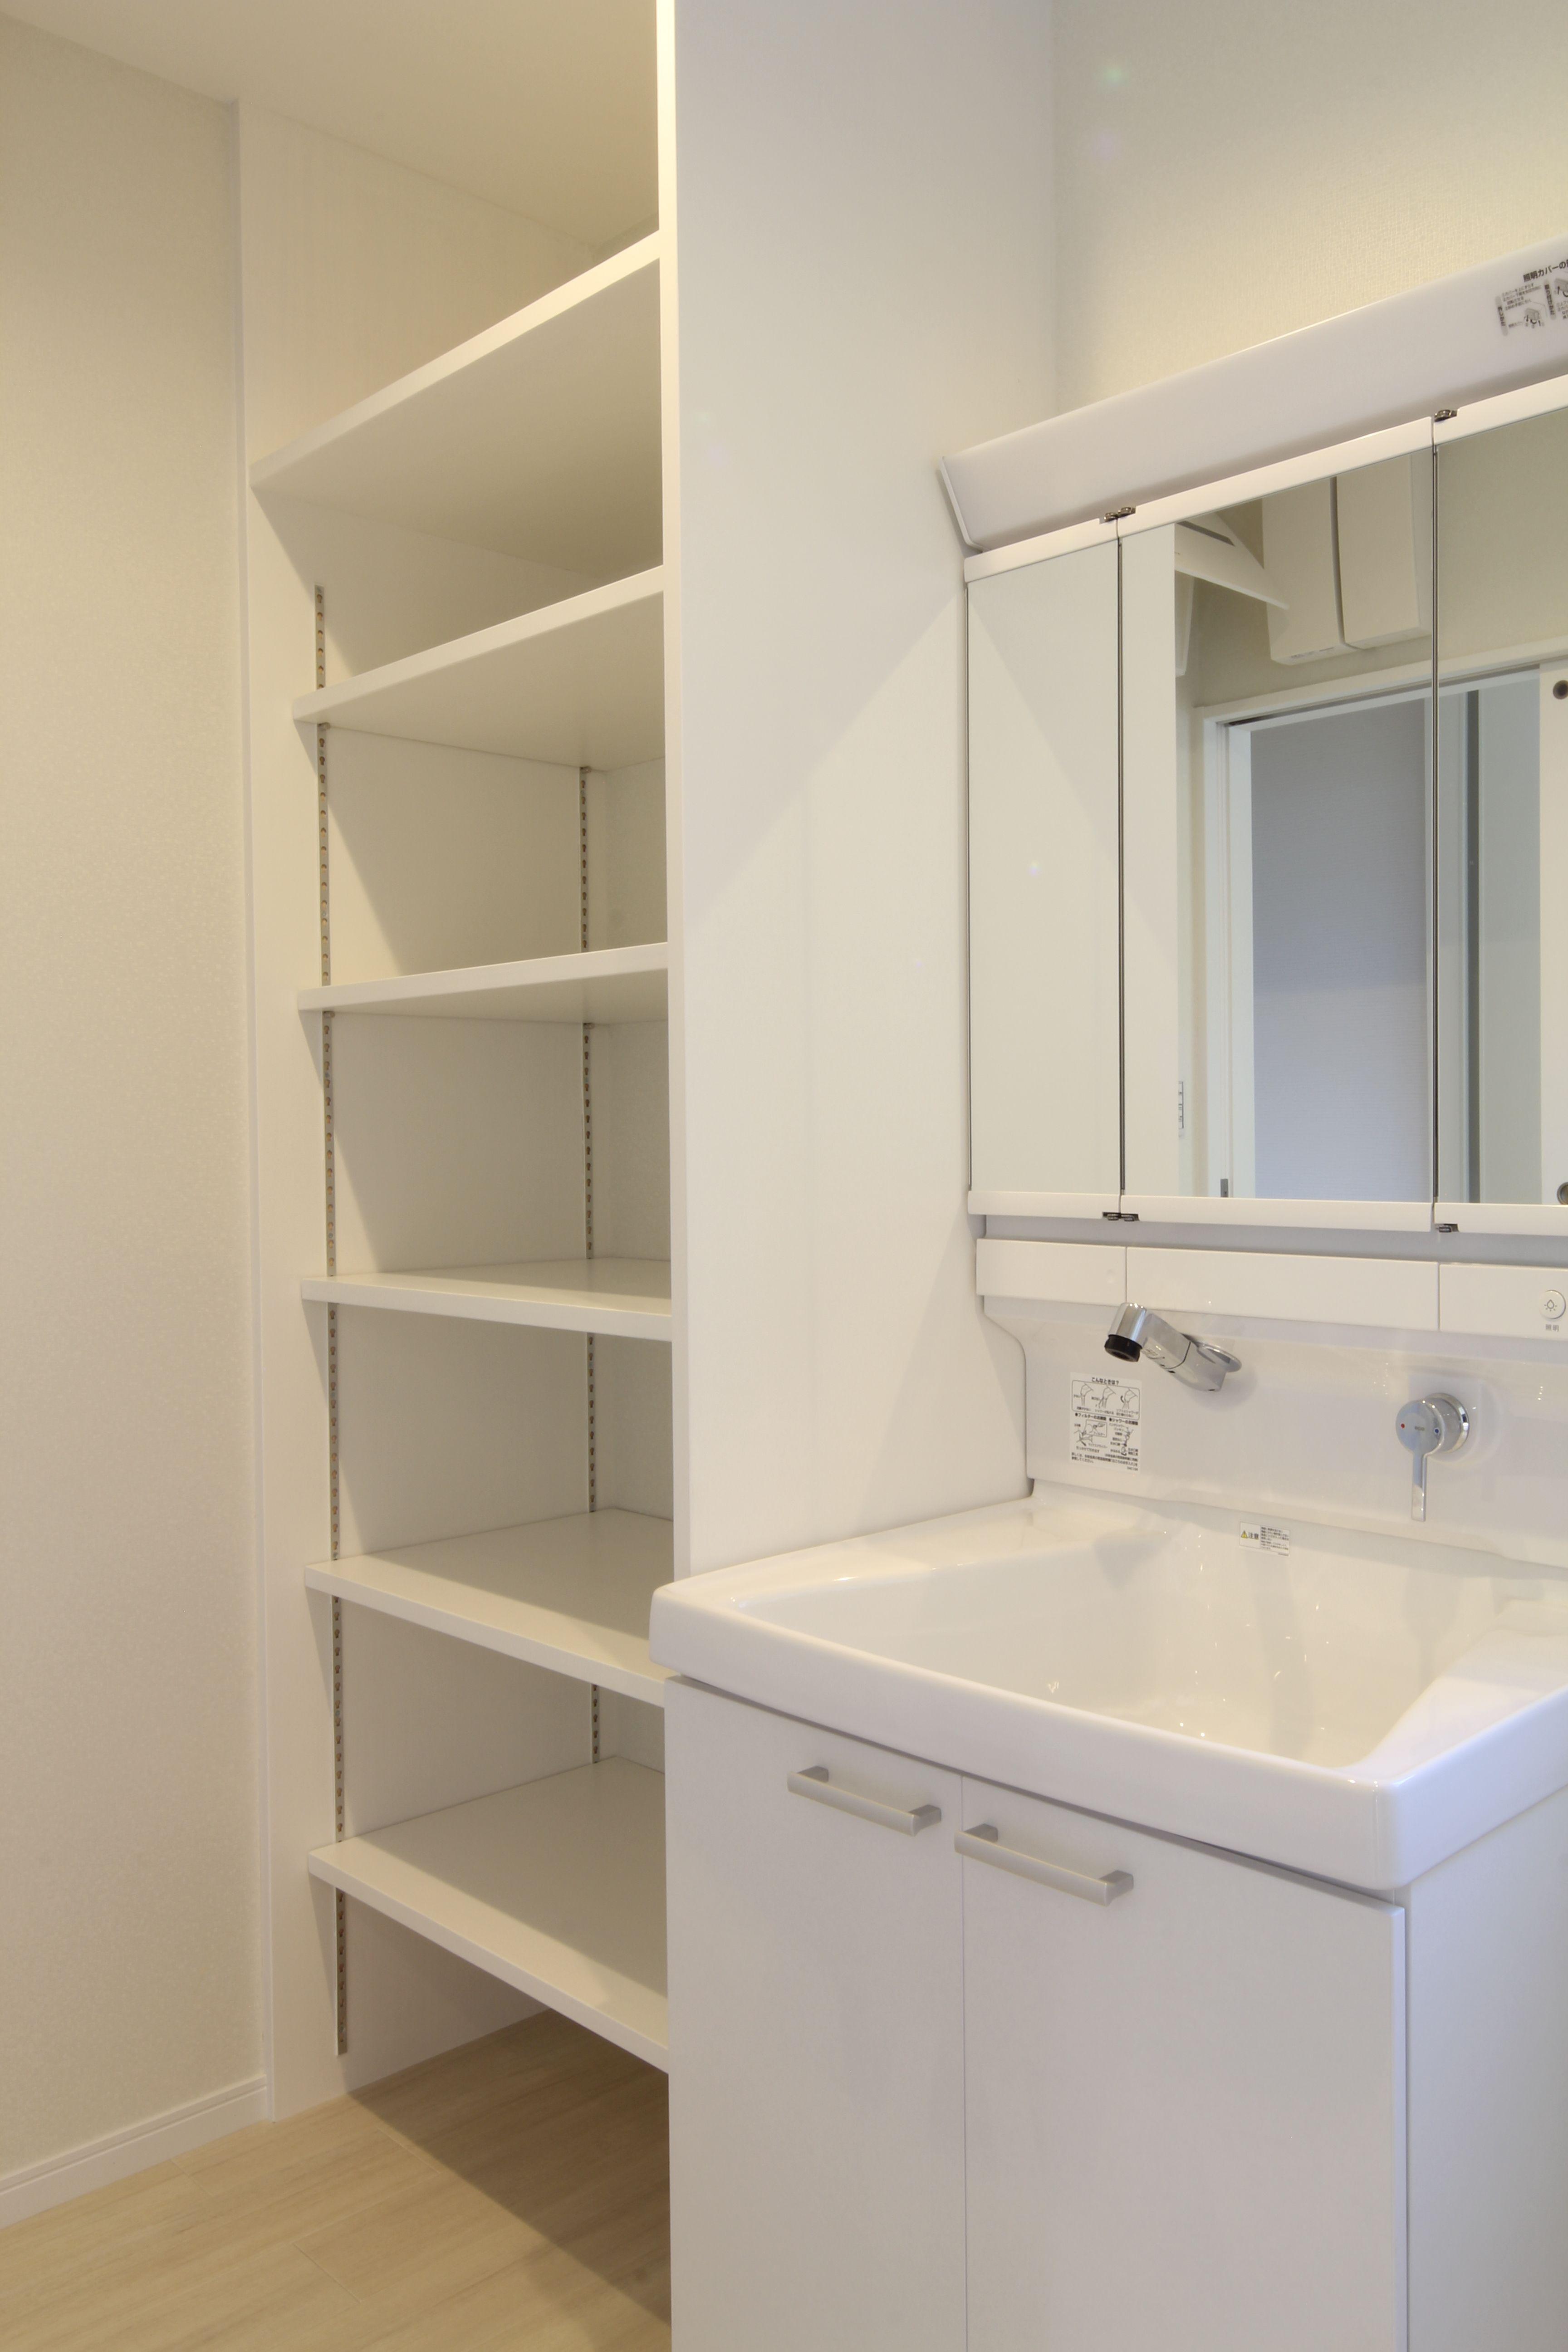 洗面台の横に可動棚を造作しています 脱衣室 収納 洗面所 収納棚